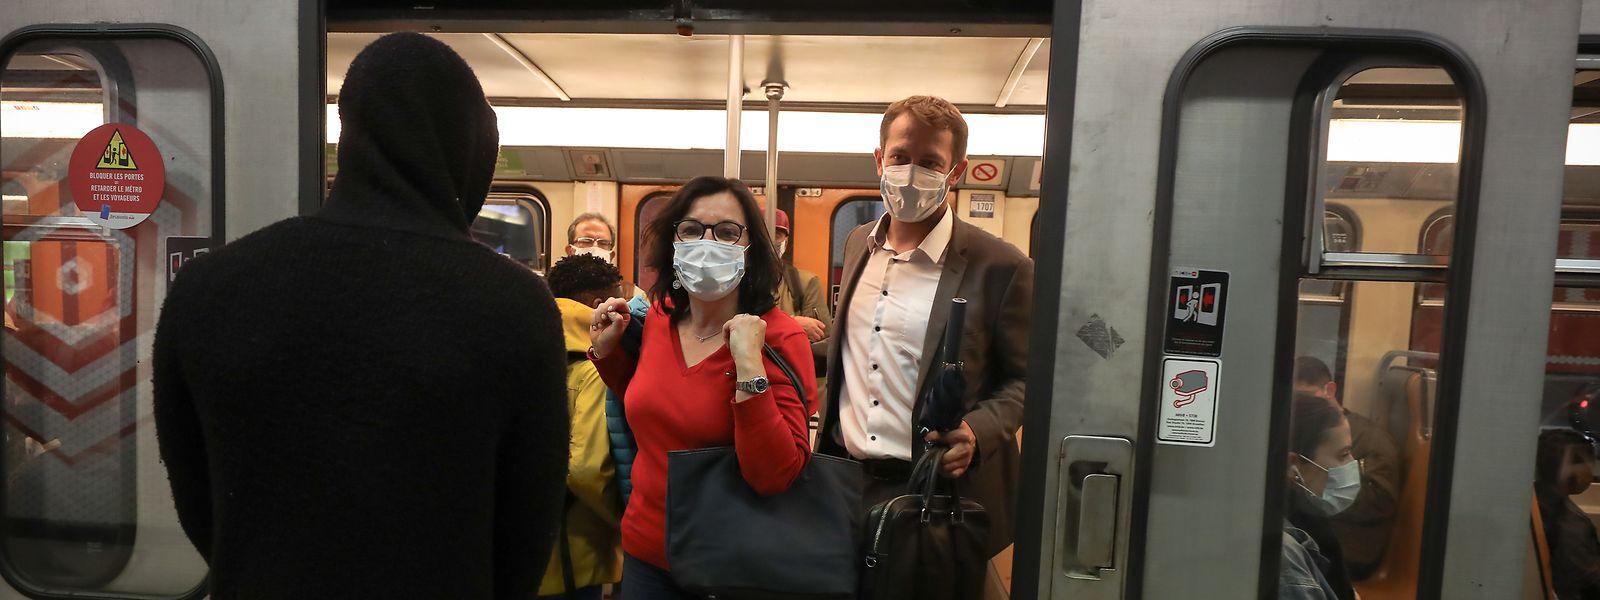 Ohne Auto geht es schneller: Tilly Metz und Christophe Hansen fahren mit der U-Bahn zur Arbeit.